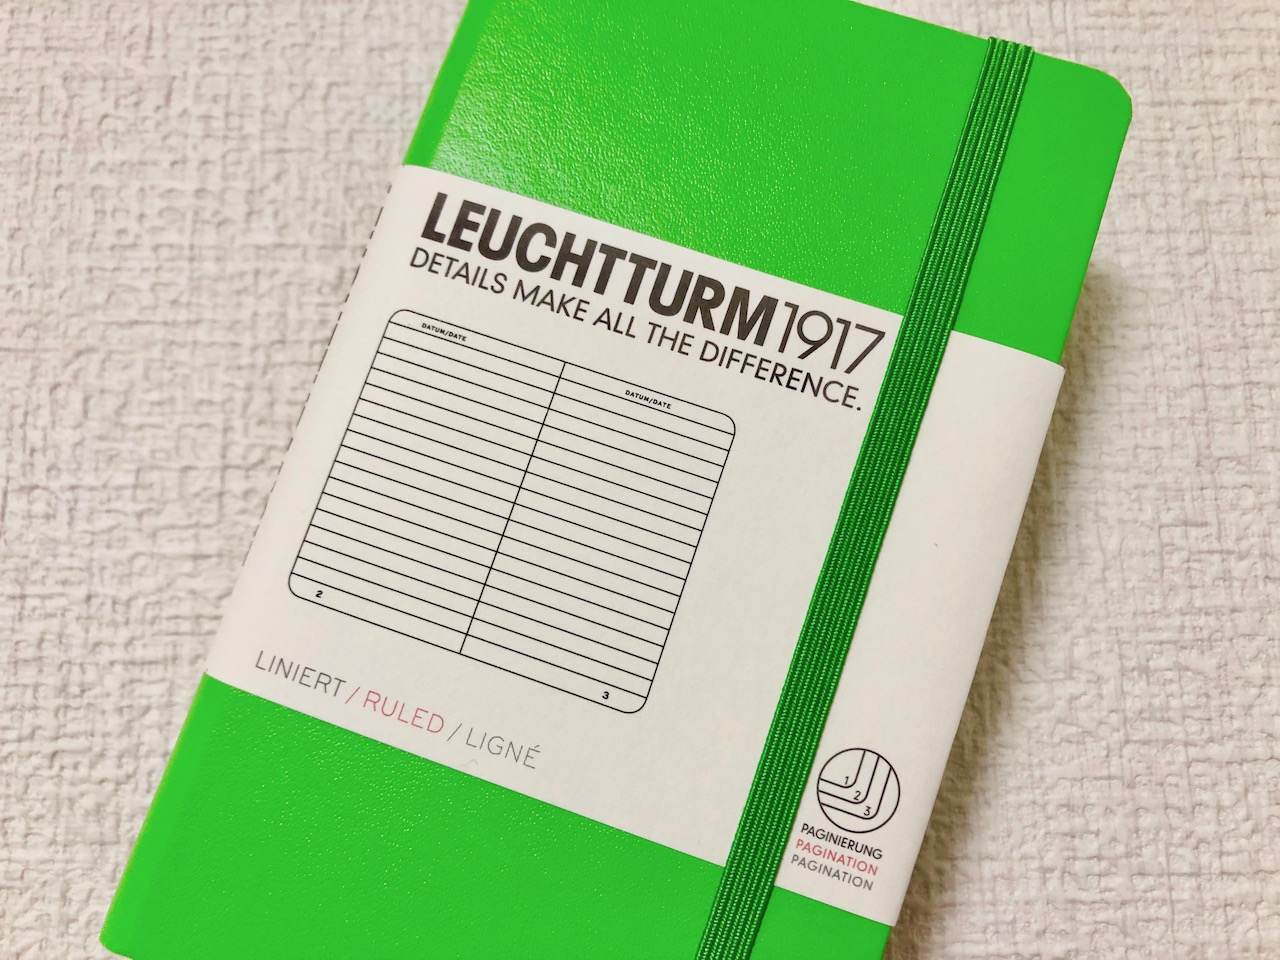 ロイヒトトゥルムのポケット(A6サイズ)